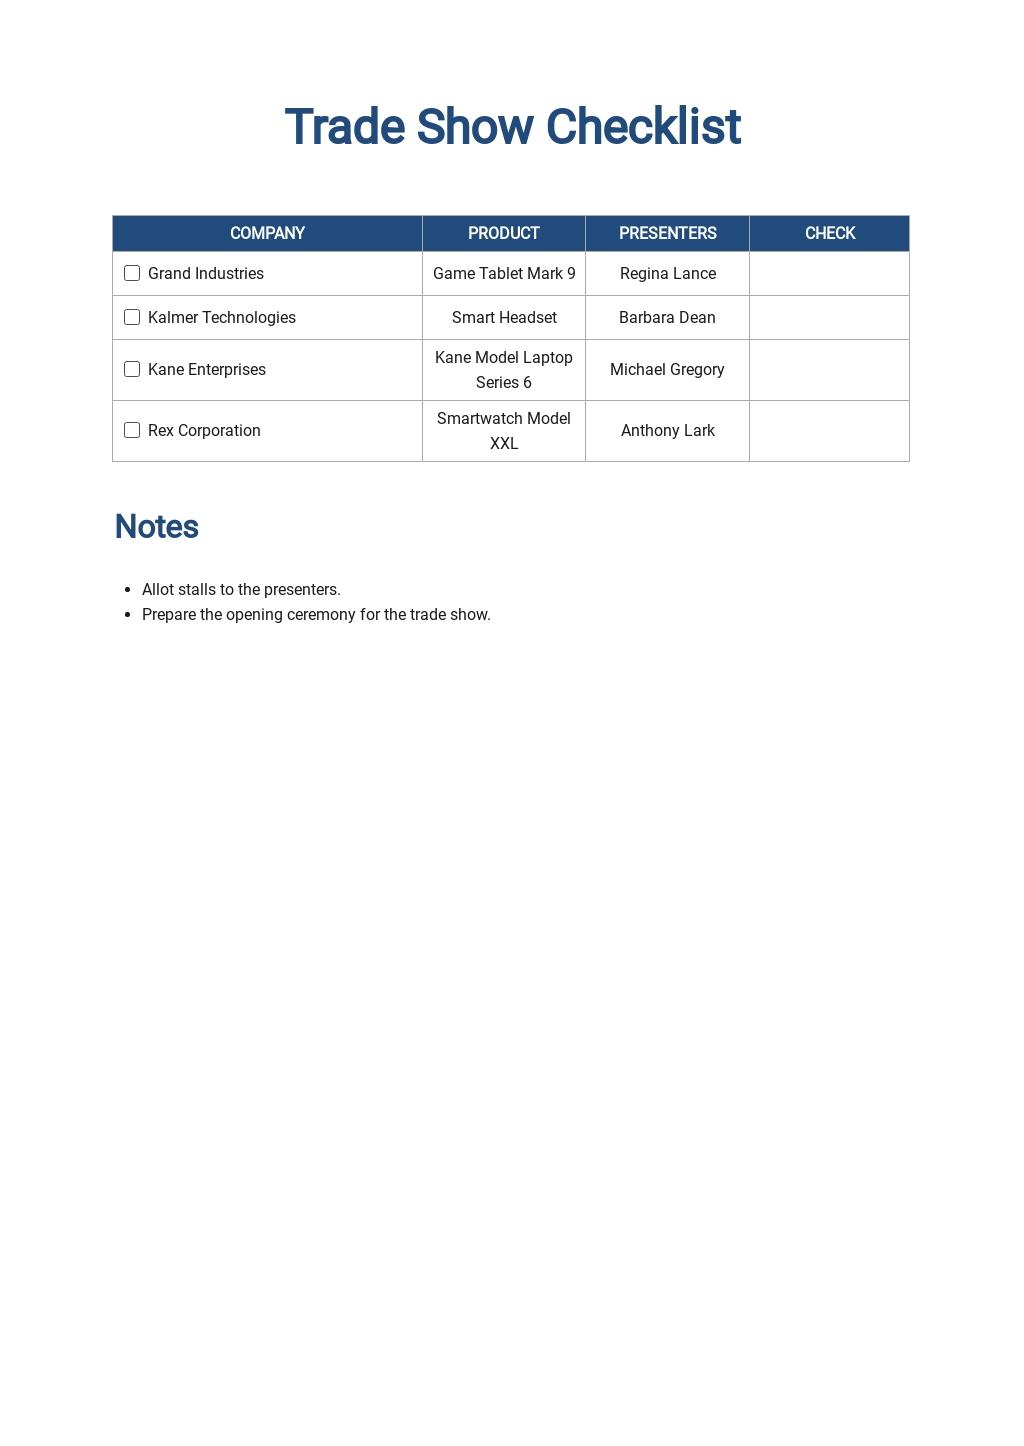 Trade Show Checklist Template.jpe